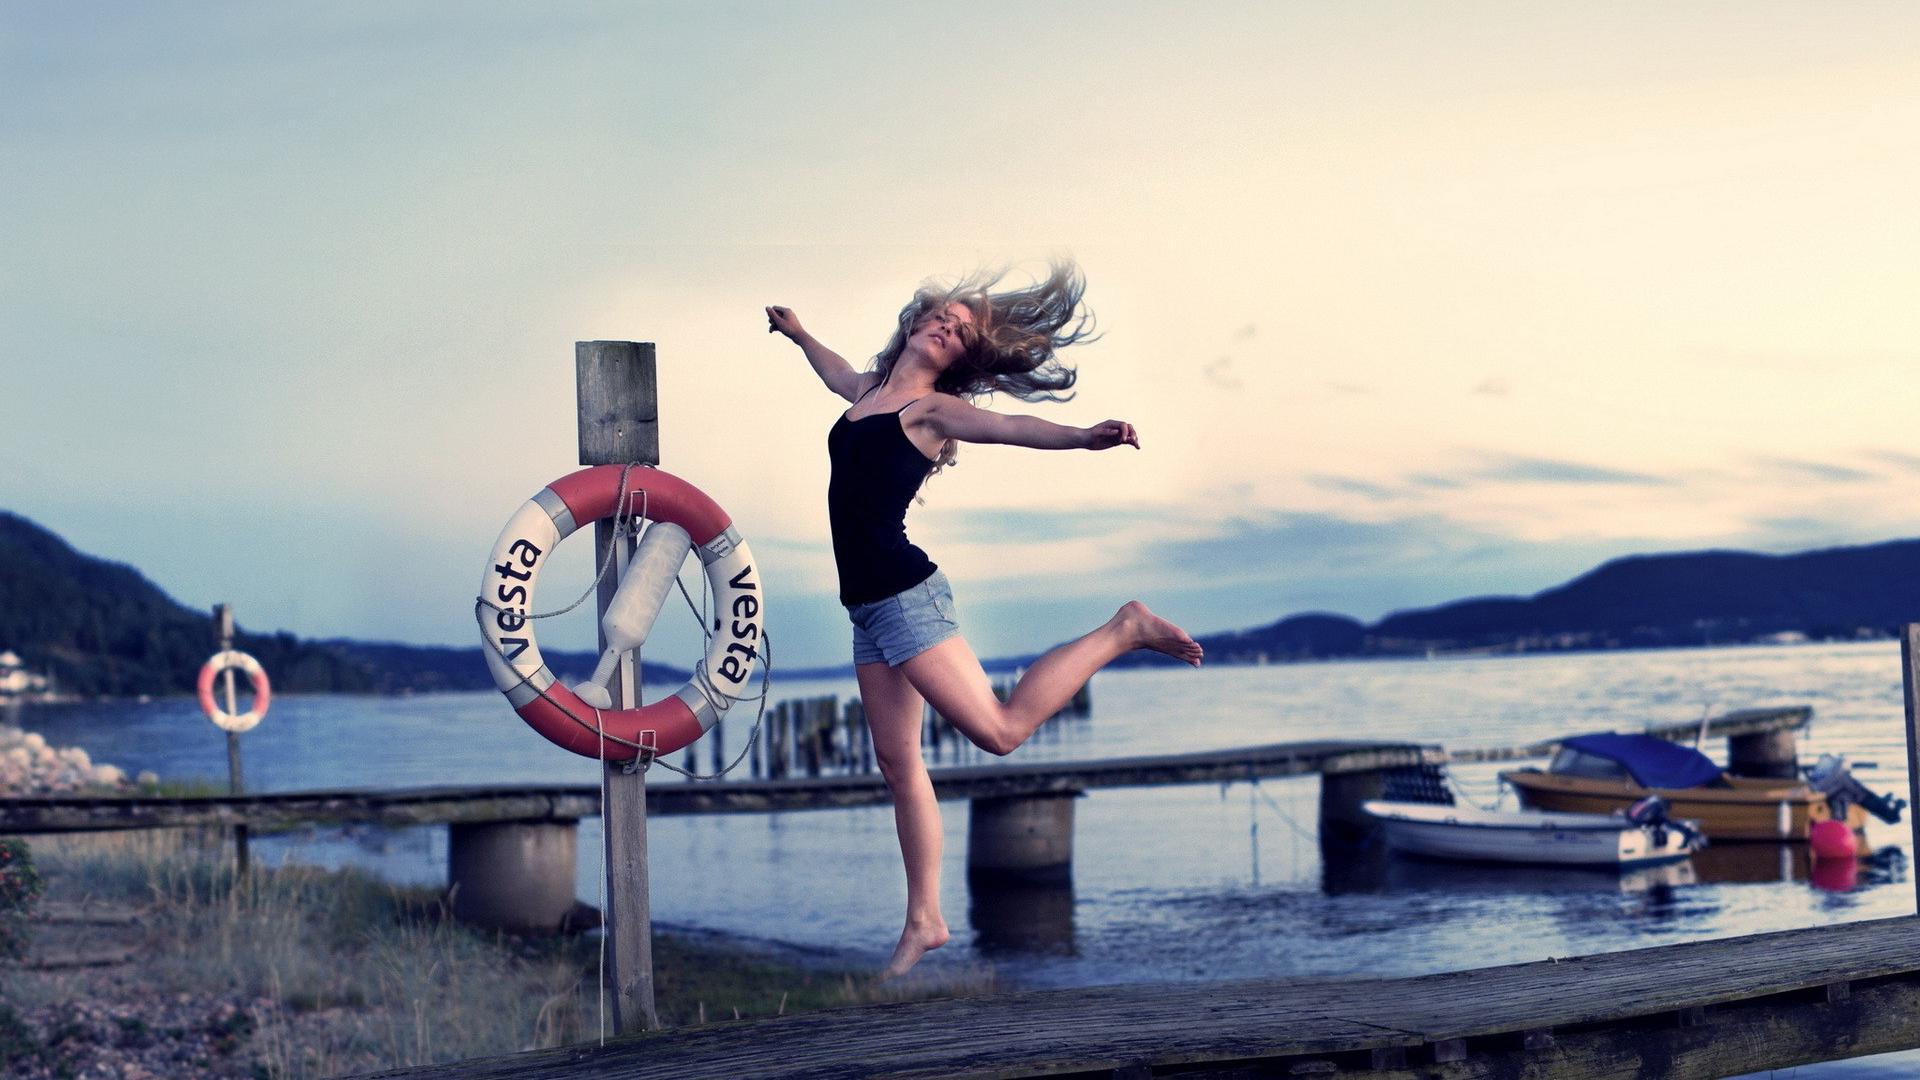 девушка, прыжок, шорты